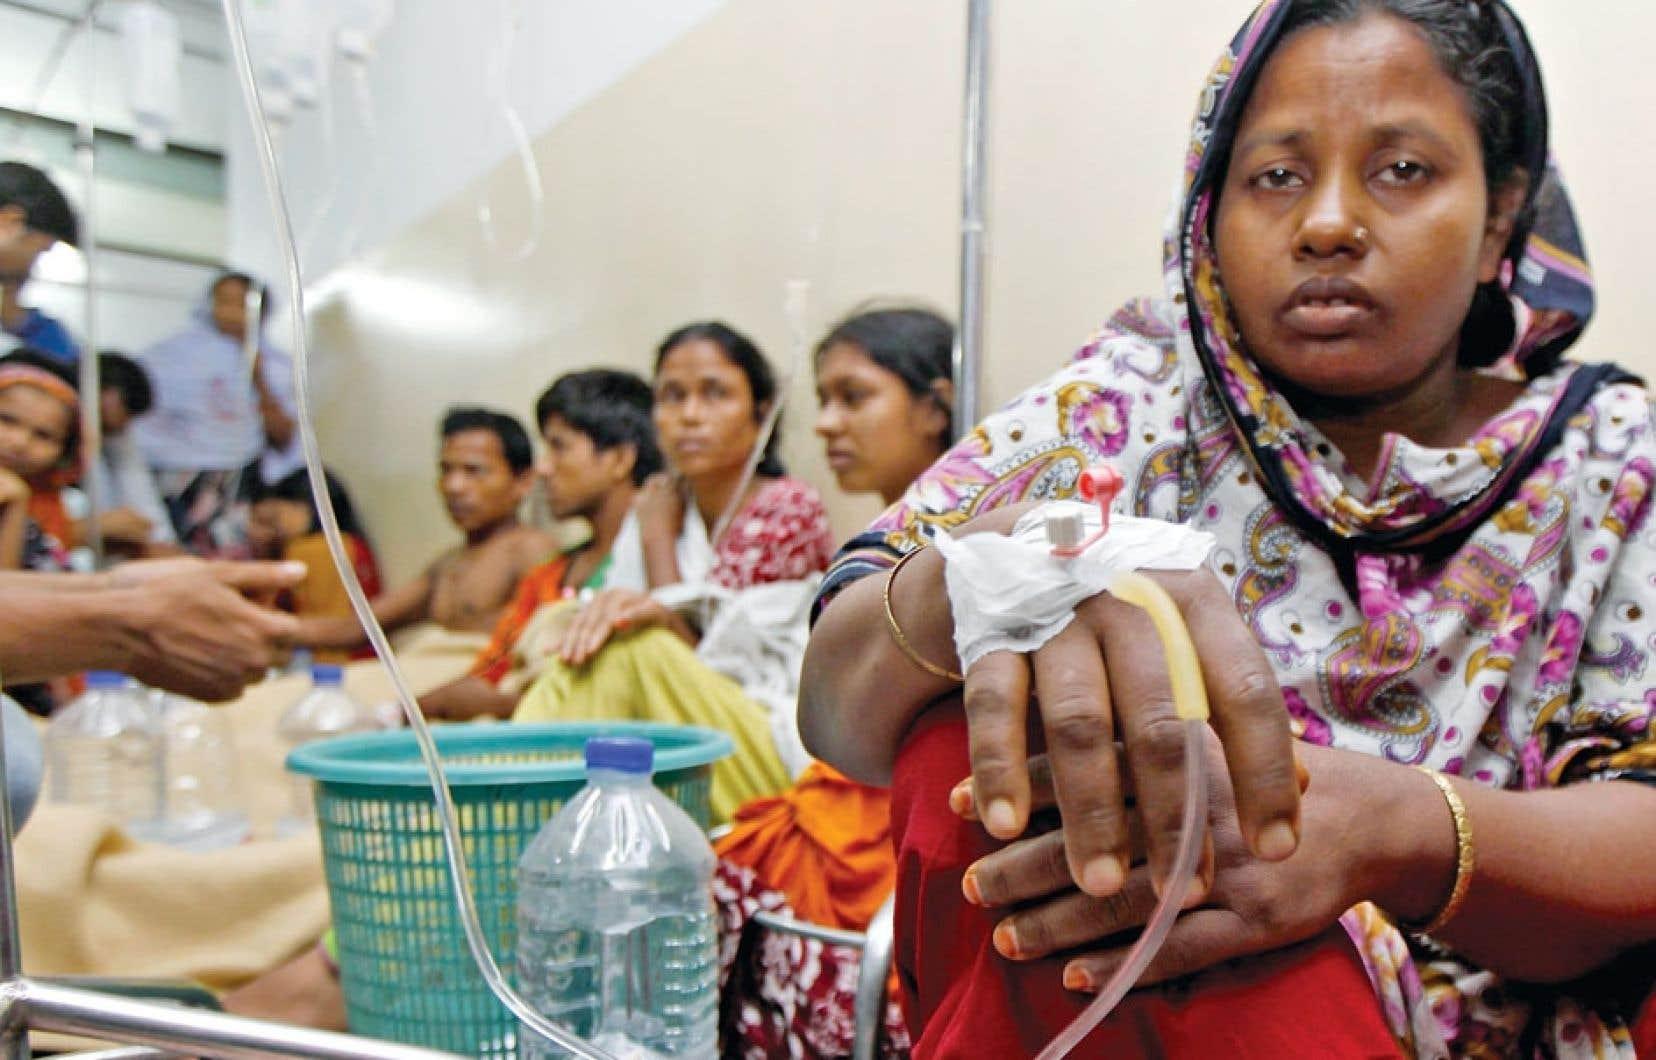 Des centaines de personnes reçoivent des perfusions intraveineuses. Elles sont tombées malades après avoir bu de l'eau contaminée dans leur usine de Dhaka, au Bangladesh.